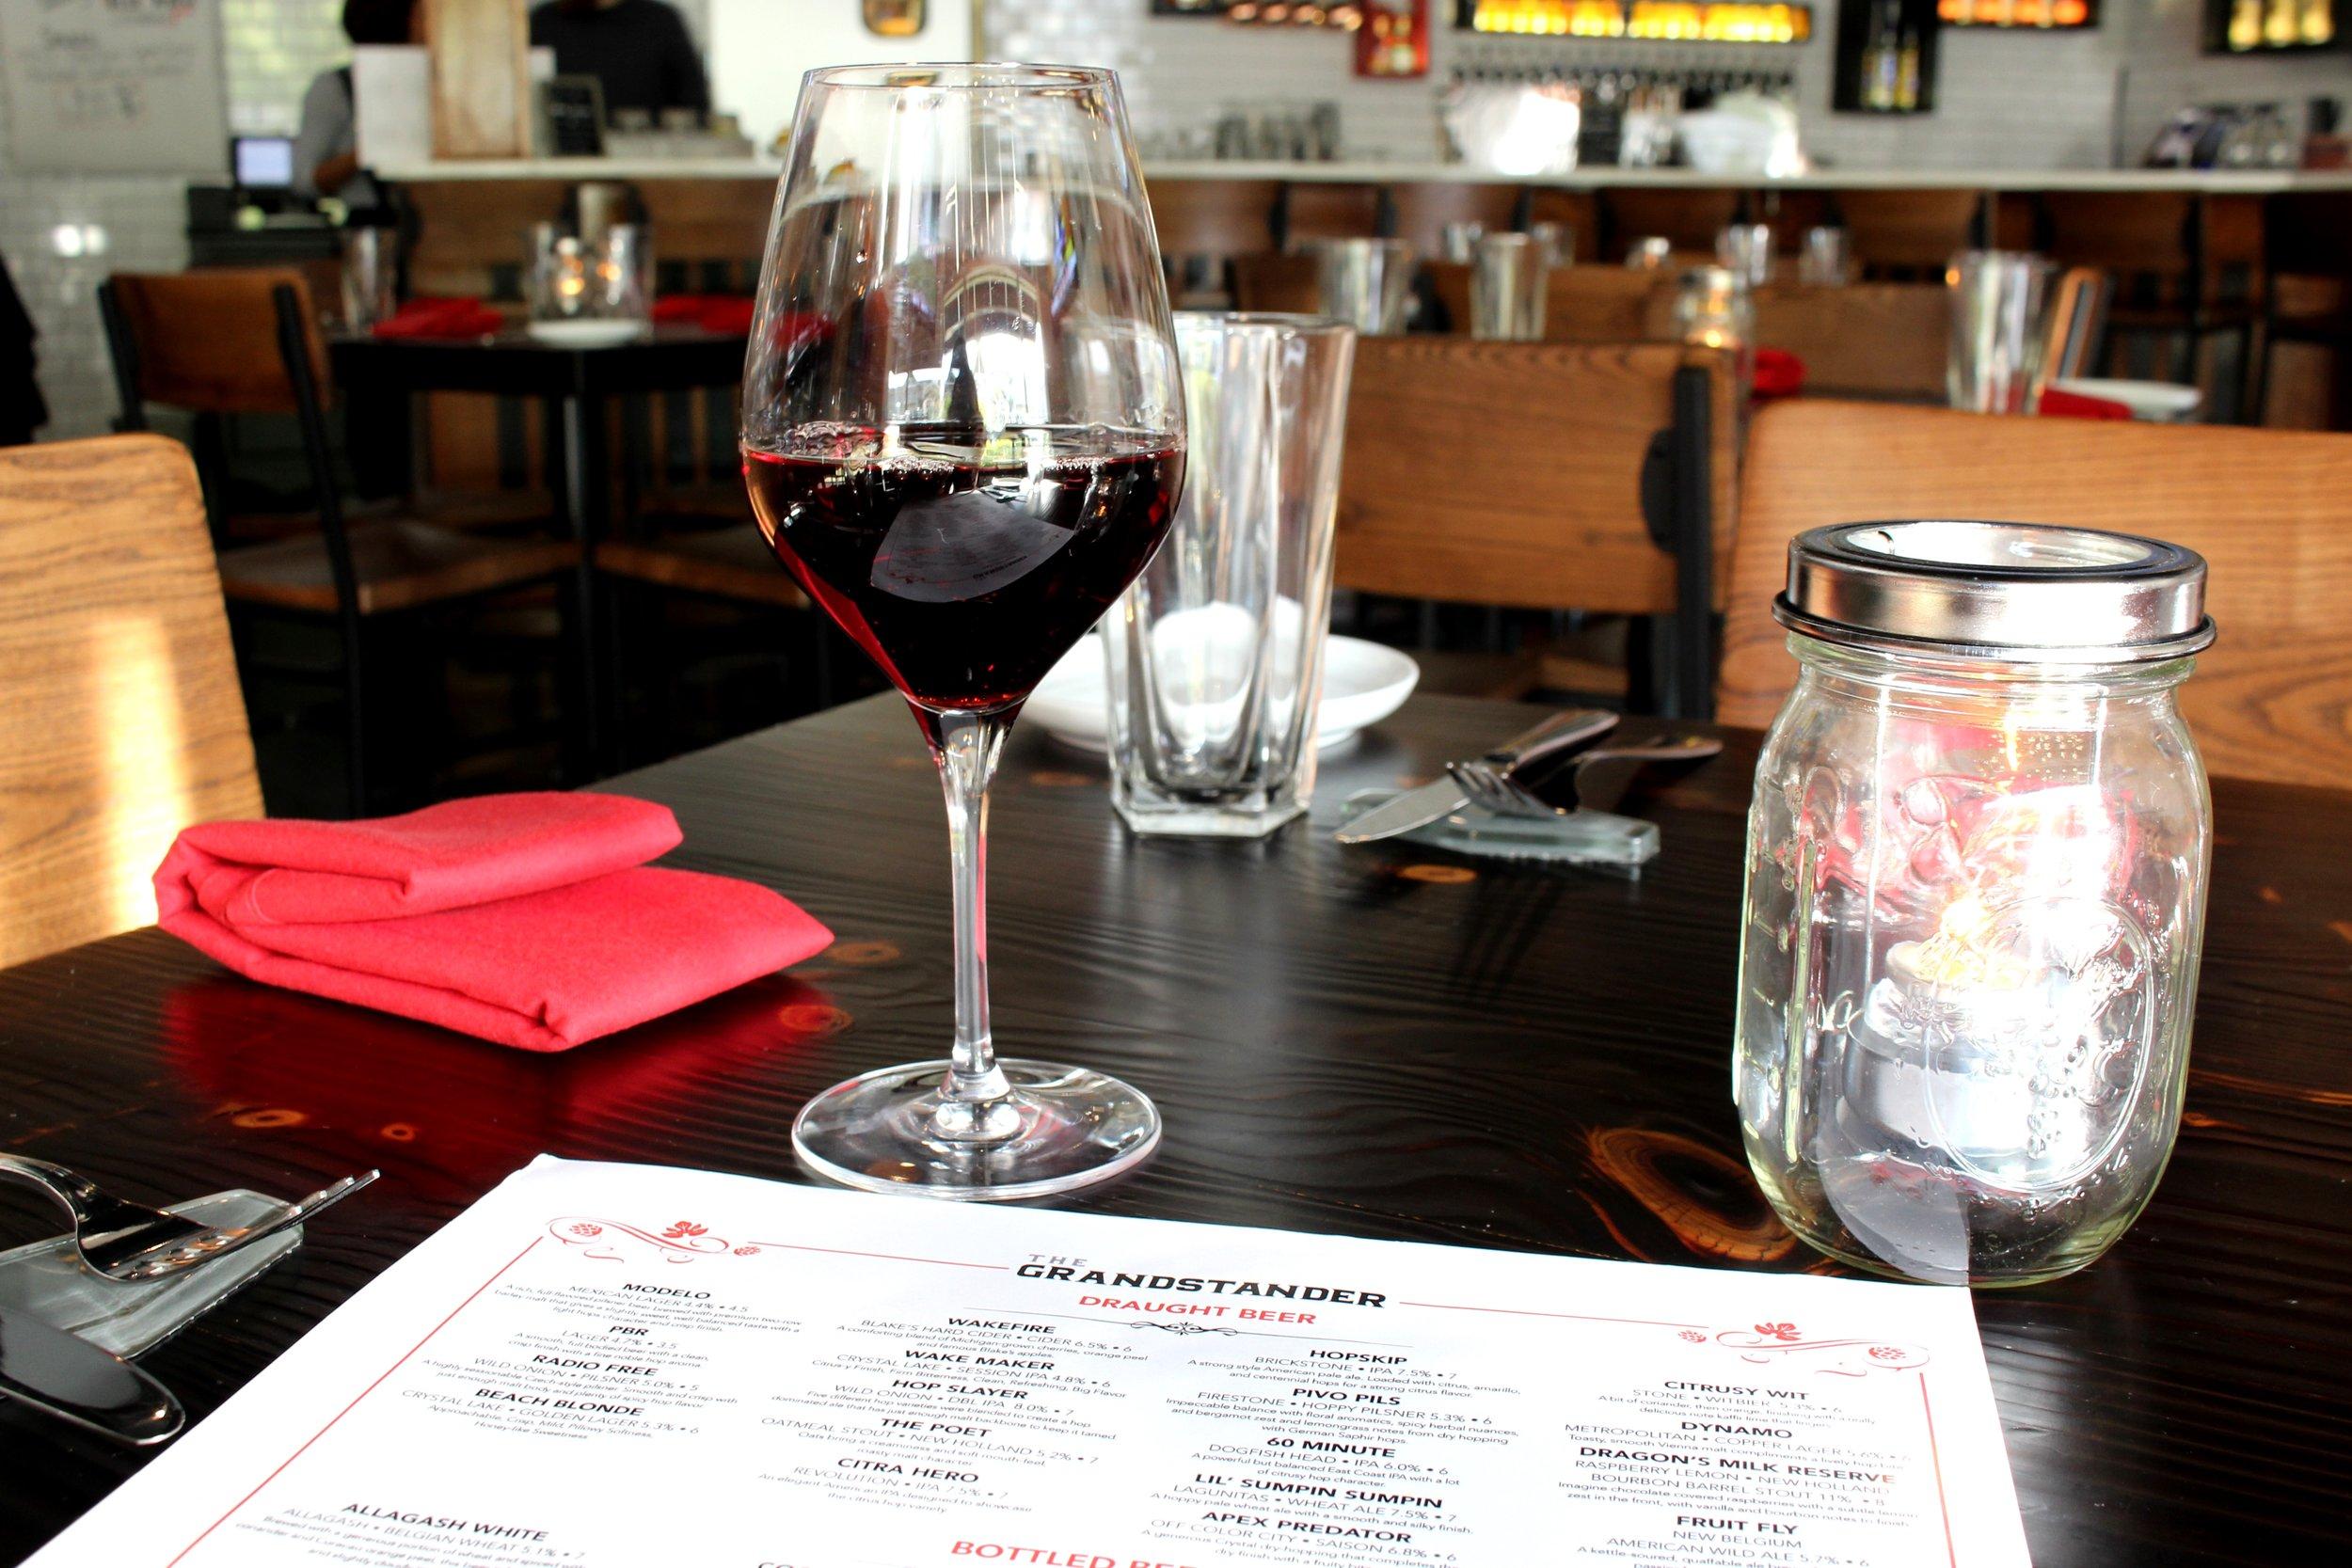 The Grandstander Wine